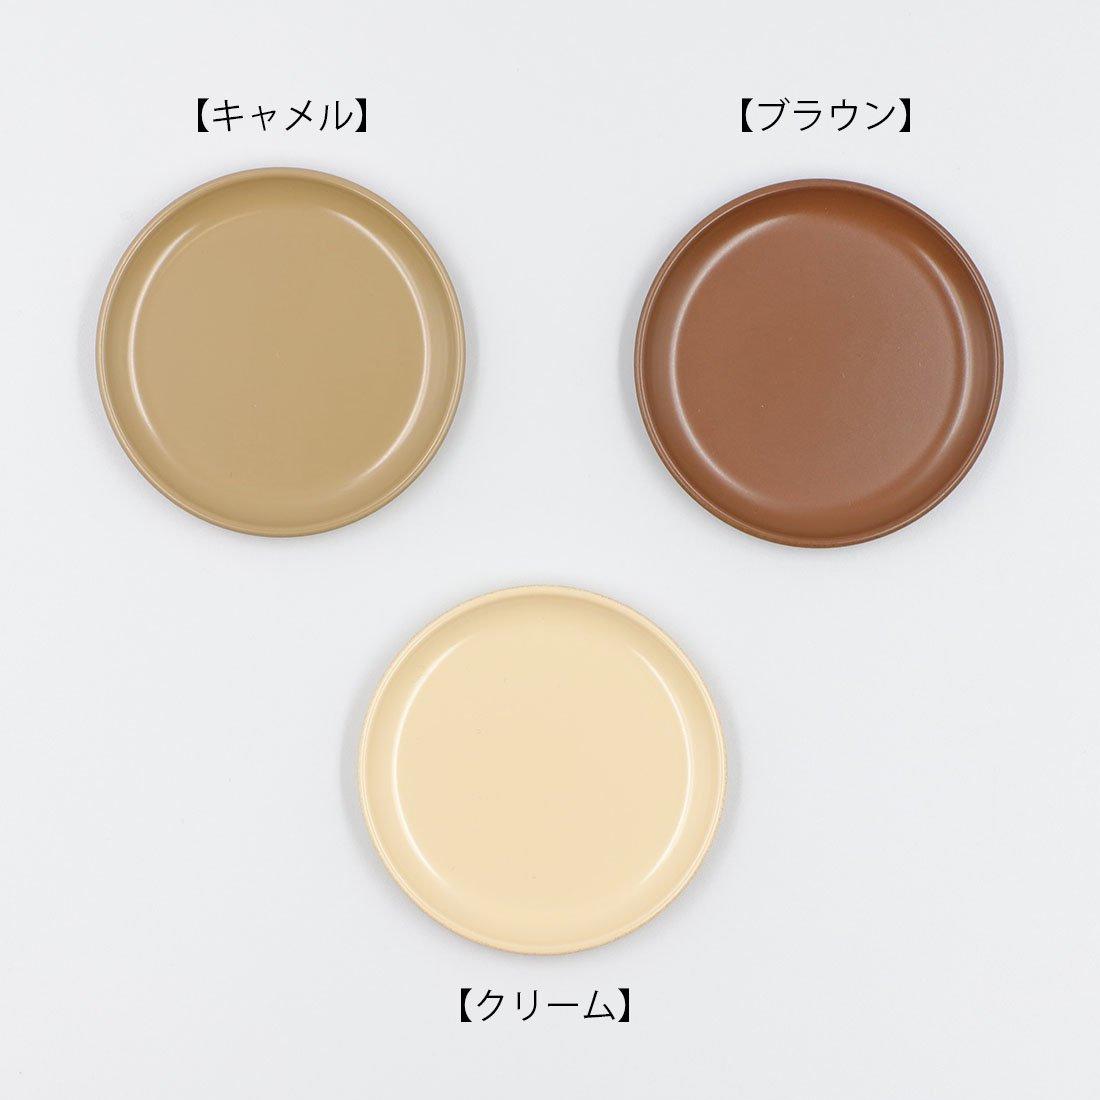 ことり 具足敷き【大】ナチュラル(全3色)